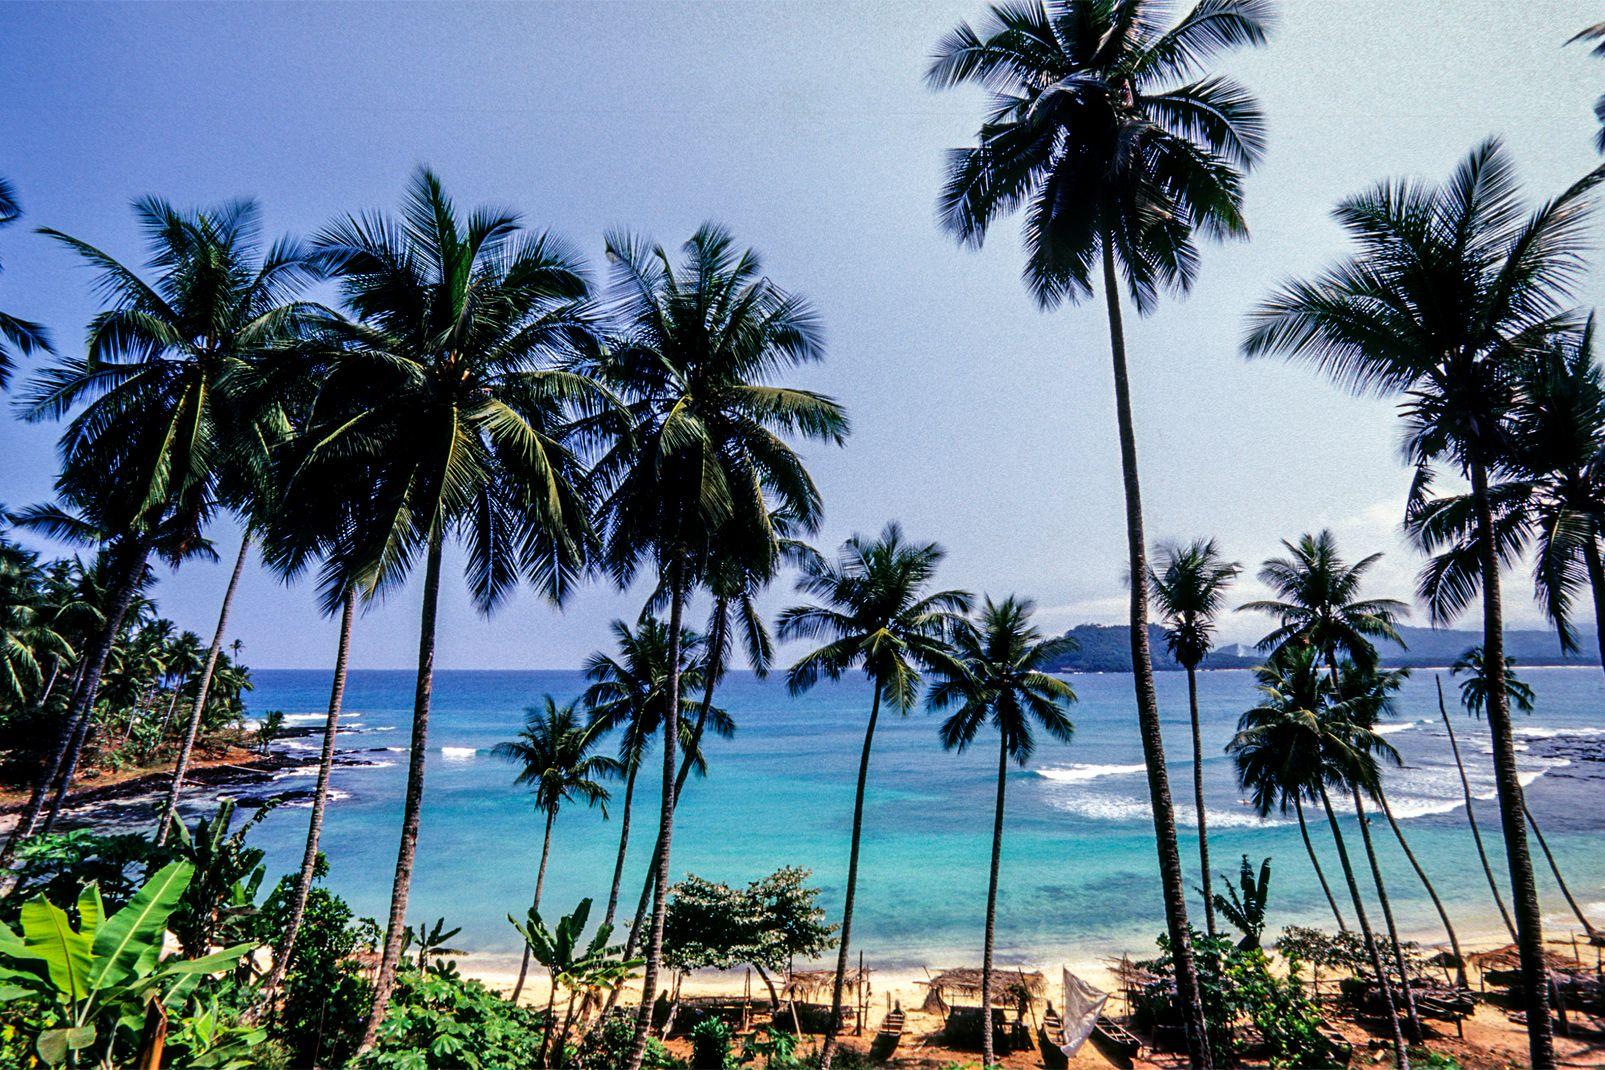 afrique, sao, tomé, et, principe, plage, sable, palmier, ocean, eau, mer, îlot, île, rolas